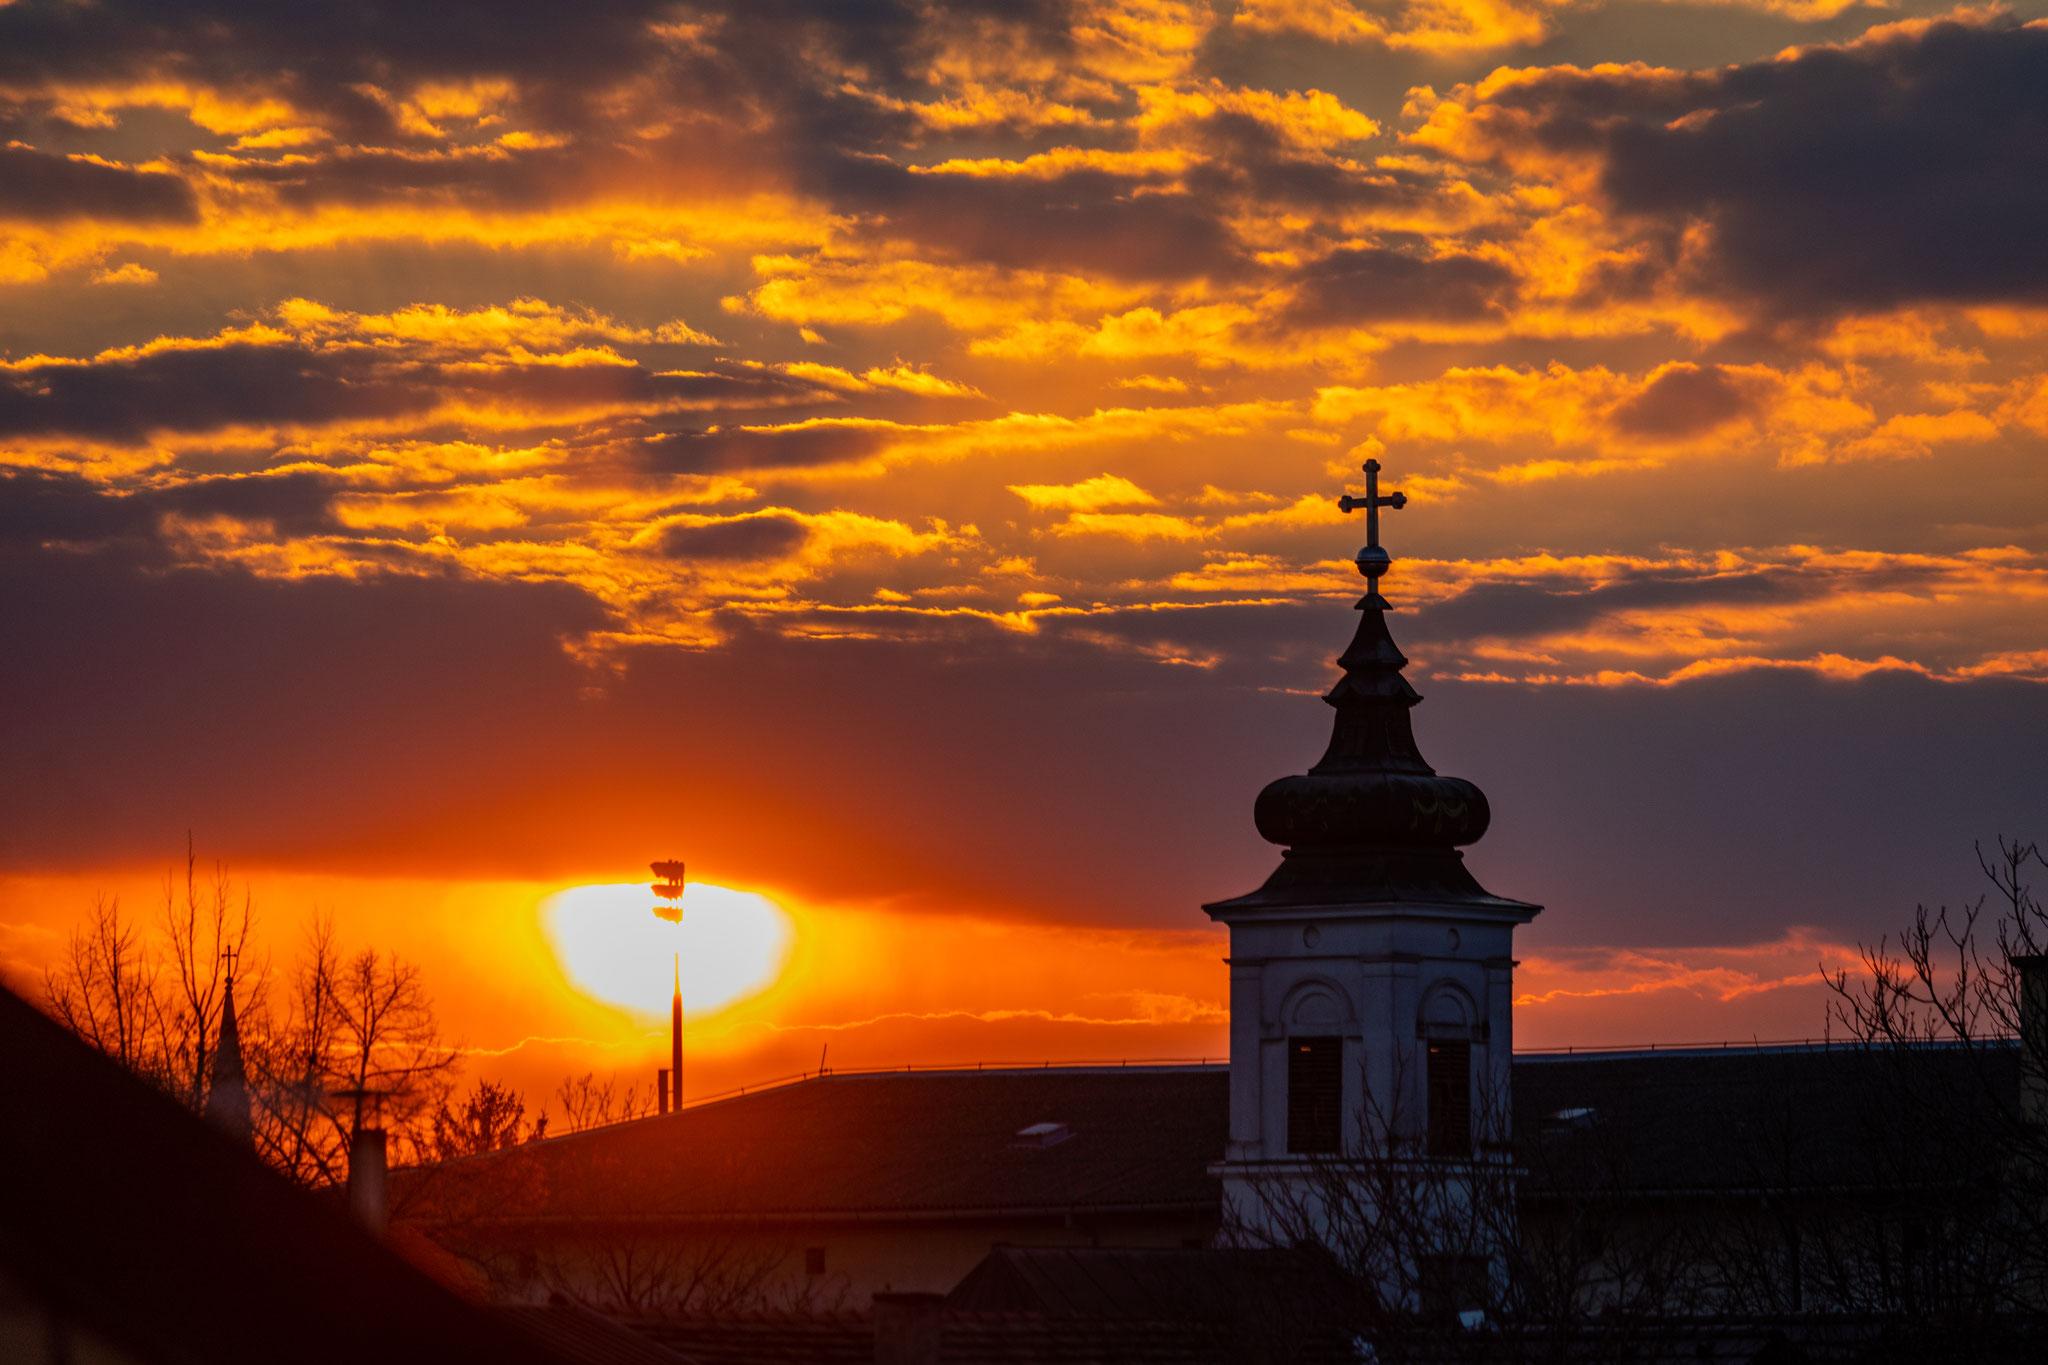 usztin László (Serbia) - Sunset